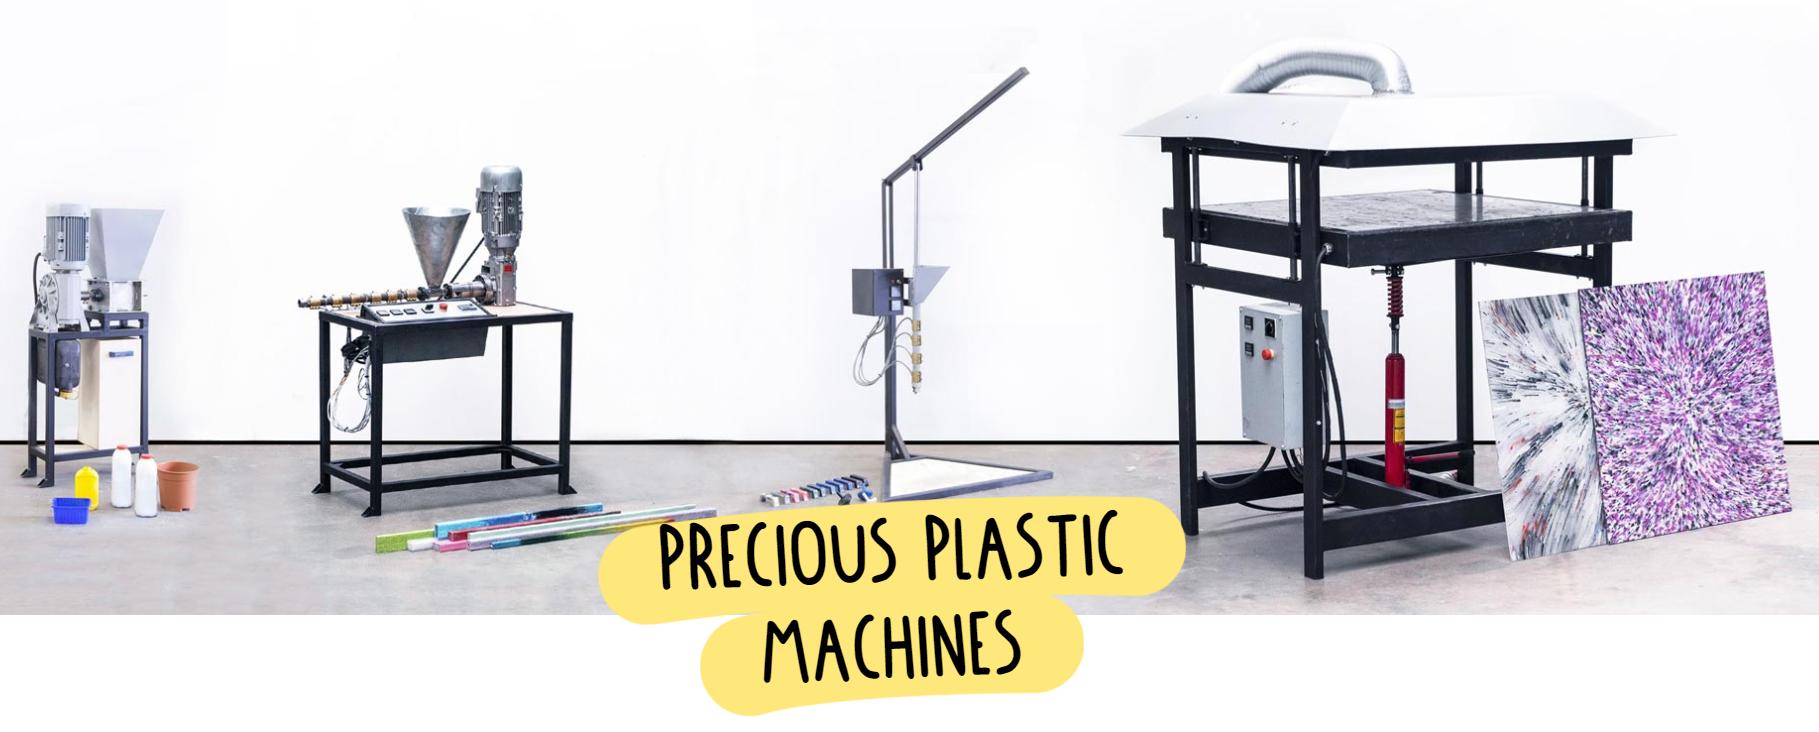 Maquinas precious plastic